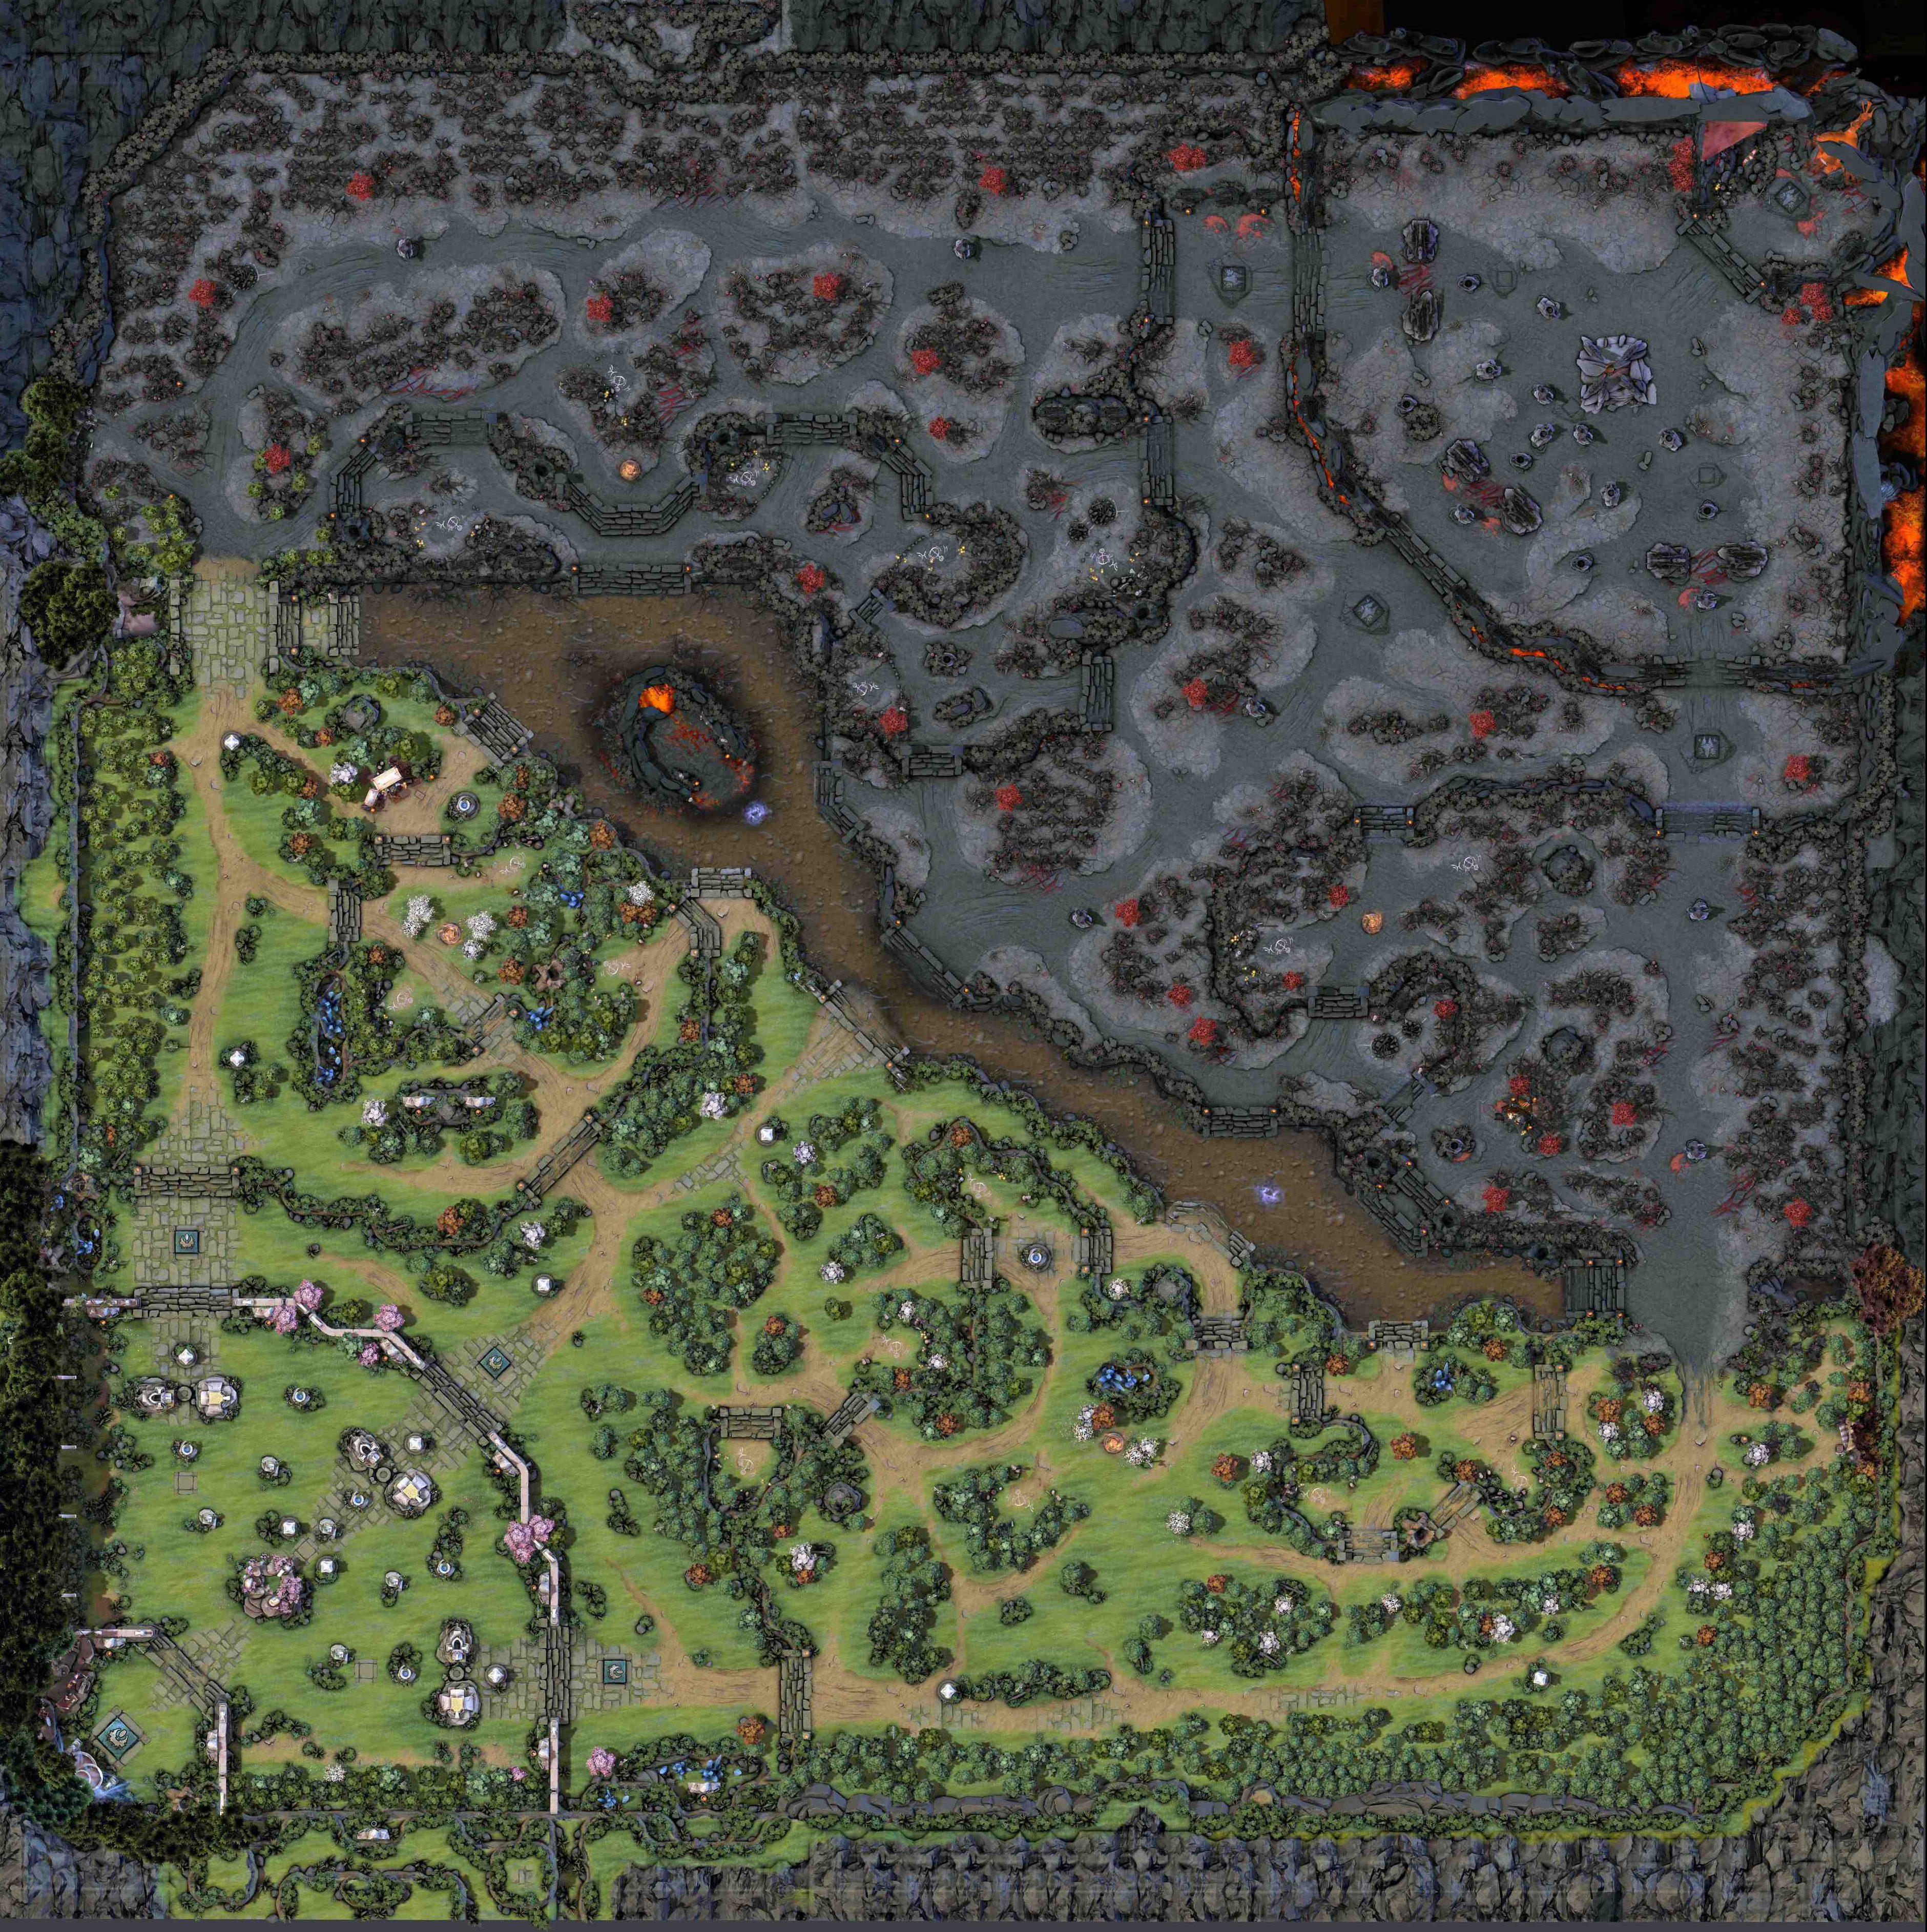 Dota 2's map in 7.00